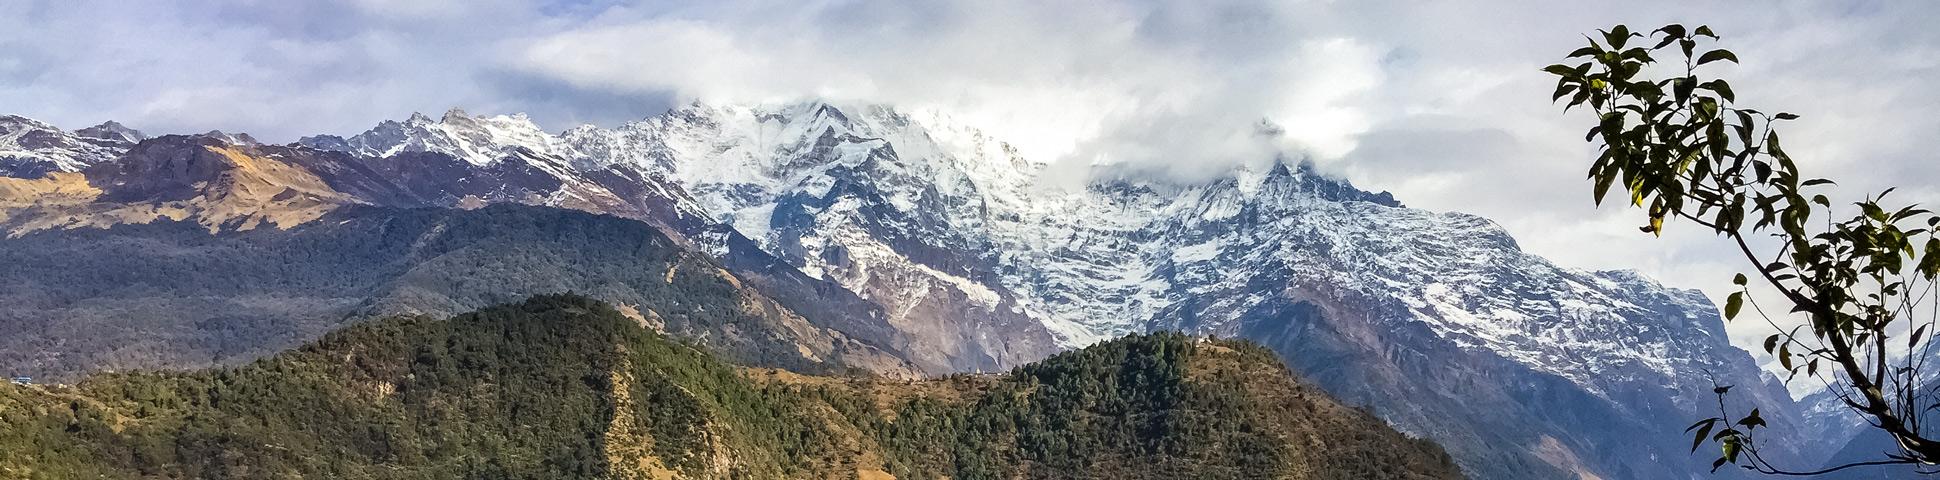 Panoramic view from Annapurna Luxury Lodge Trek